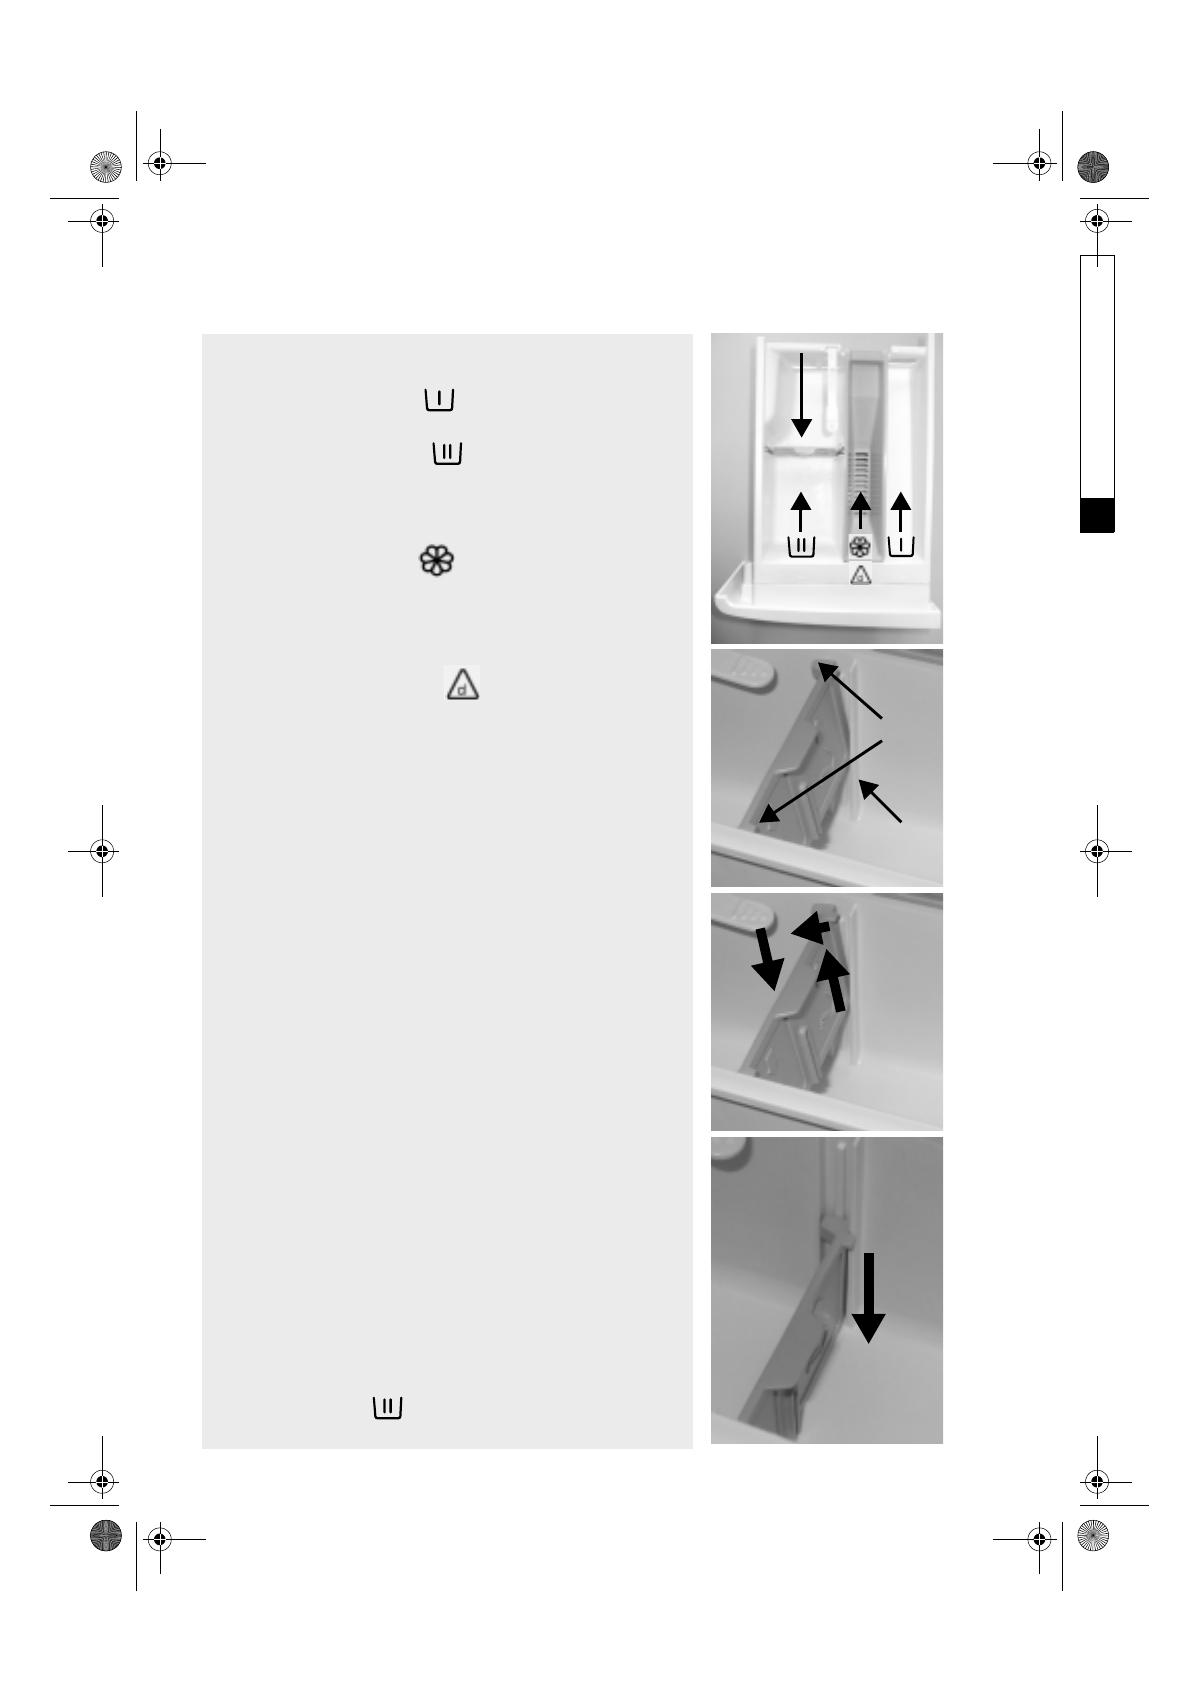 bedienungsanleitung bauknecht wak 12 seite 6 von 13 holl ndisch. Black Bedroom Furniture Sets. Home Design Ideas